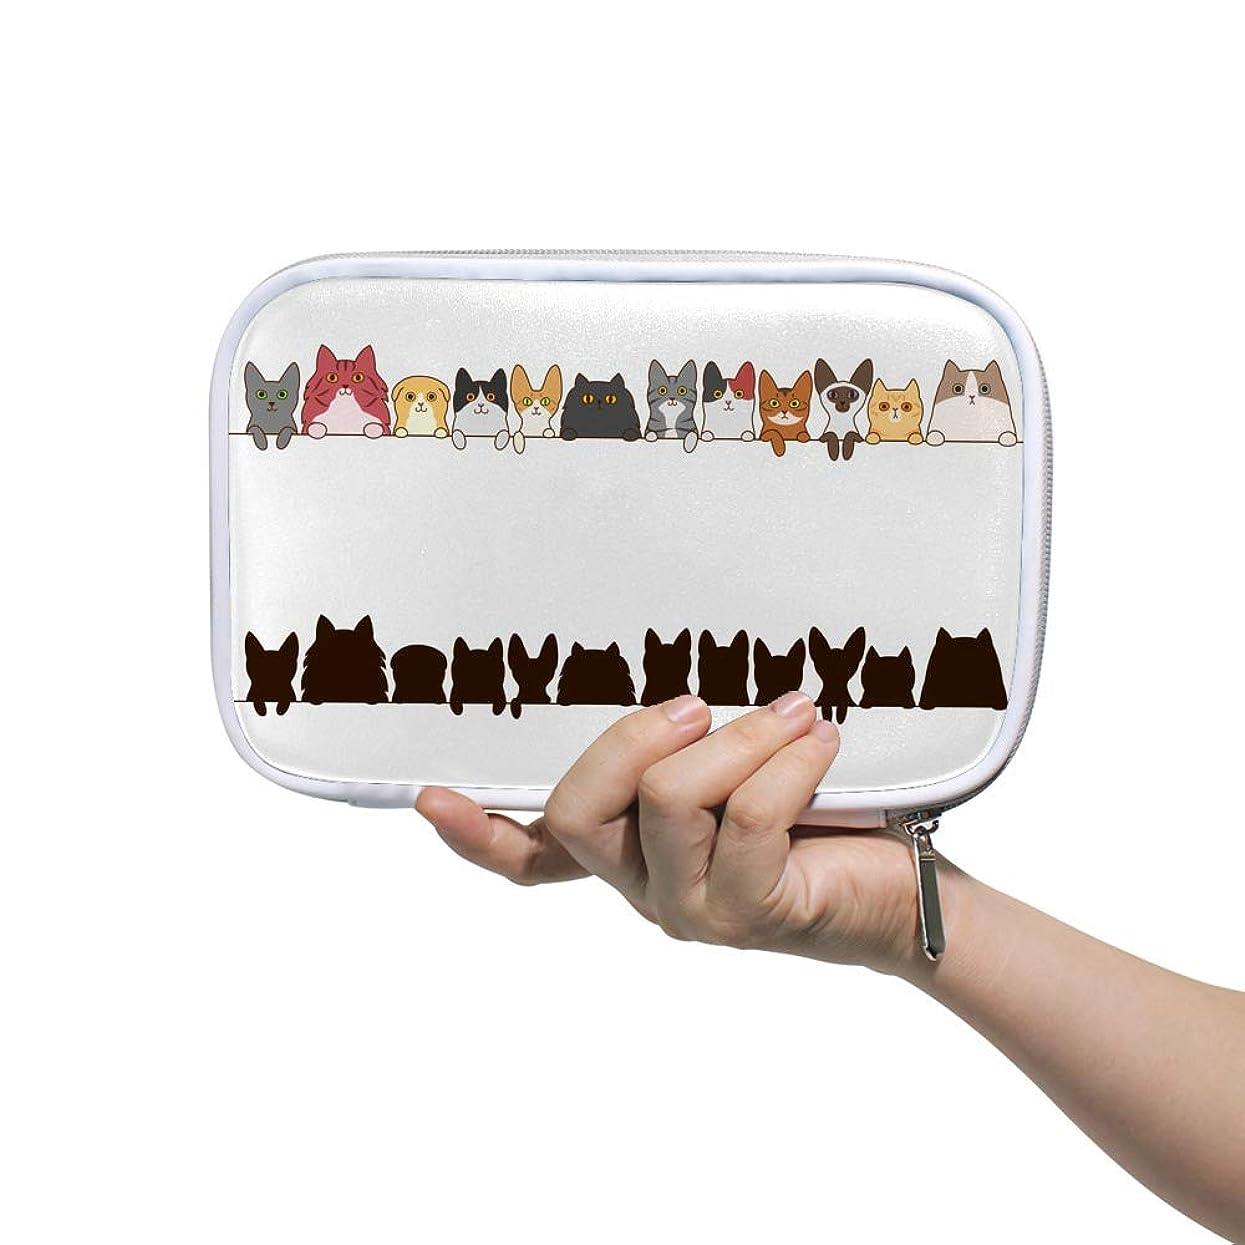 天気ニックネームゴールZHIMI 化粧ポーチ メイクポーチ レディース コンパクト 柔らかい おしゃれ コスメケース 化粧品収納バッグ 可愛い 猫柄 機能的 防水 軽量 小物入れ 出張 海外旅行グッズ パスポートケースとしても適用